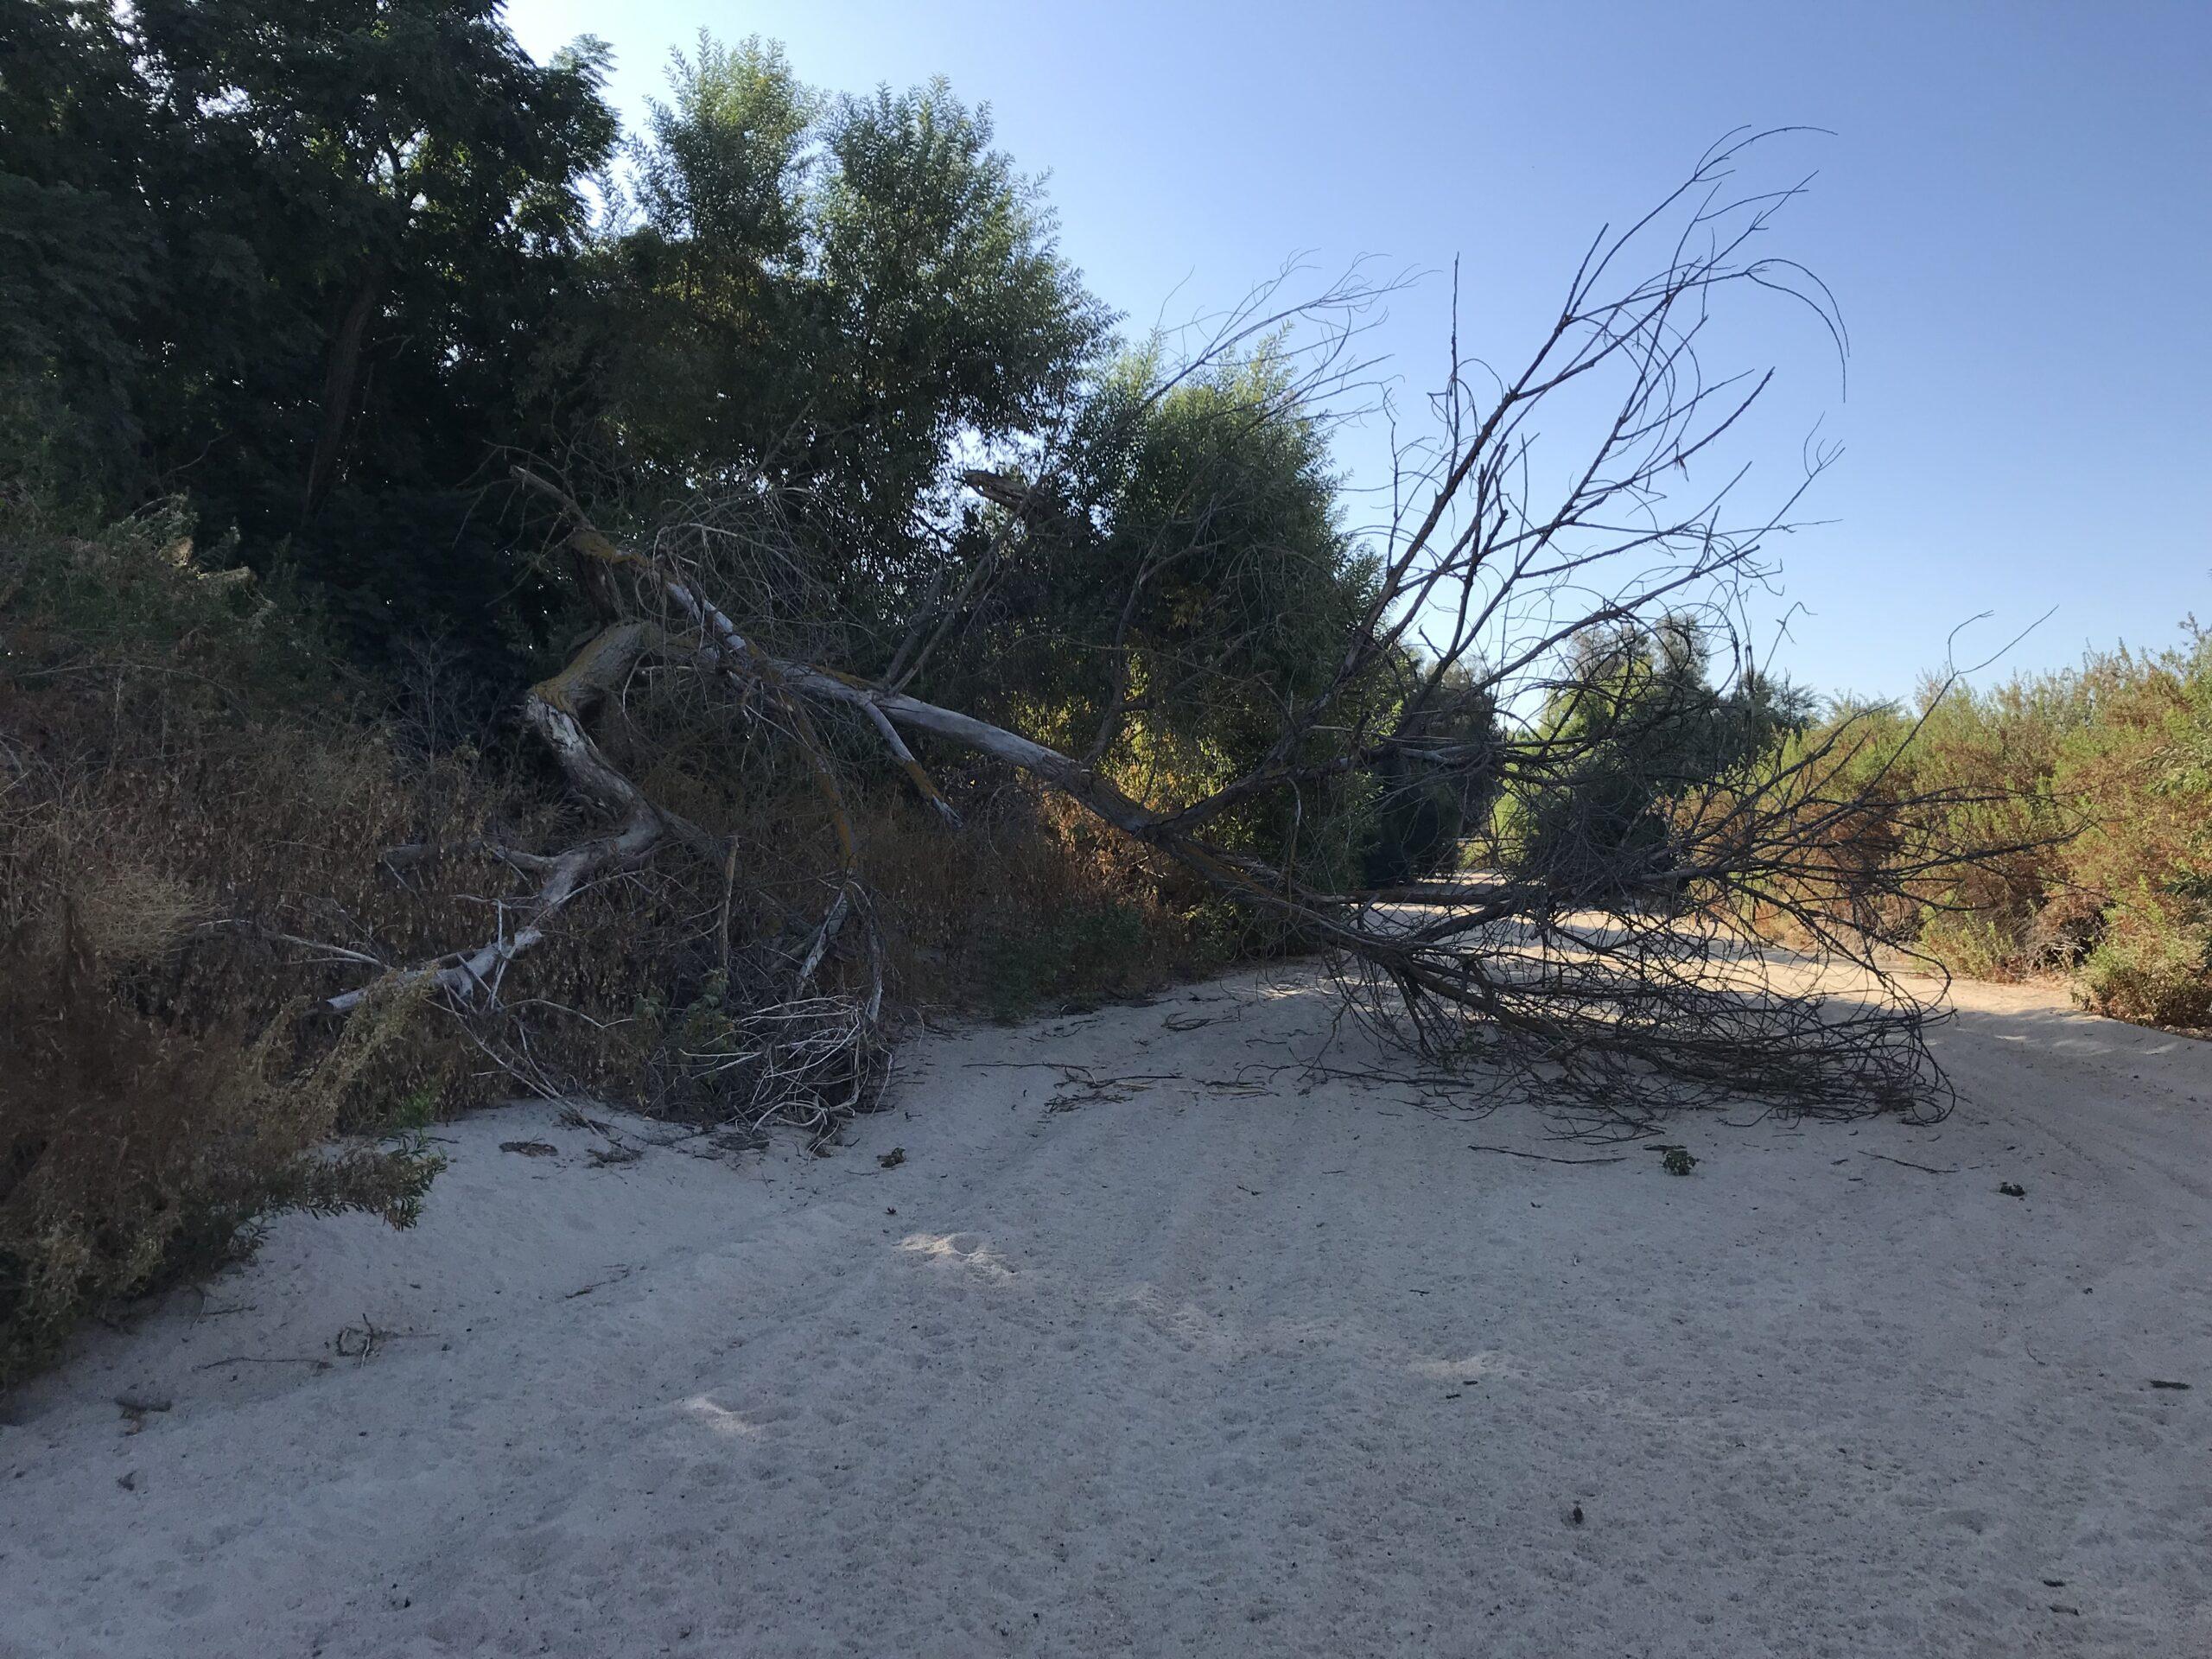 Fallen tree in Poso Creek